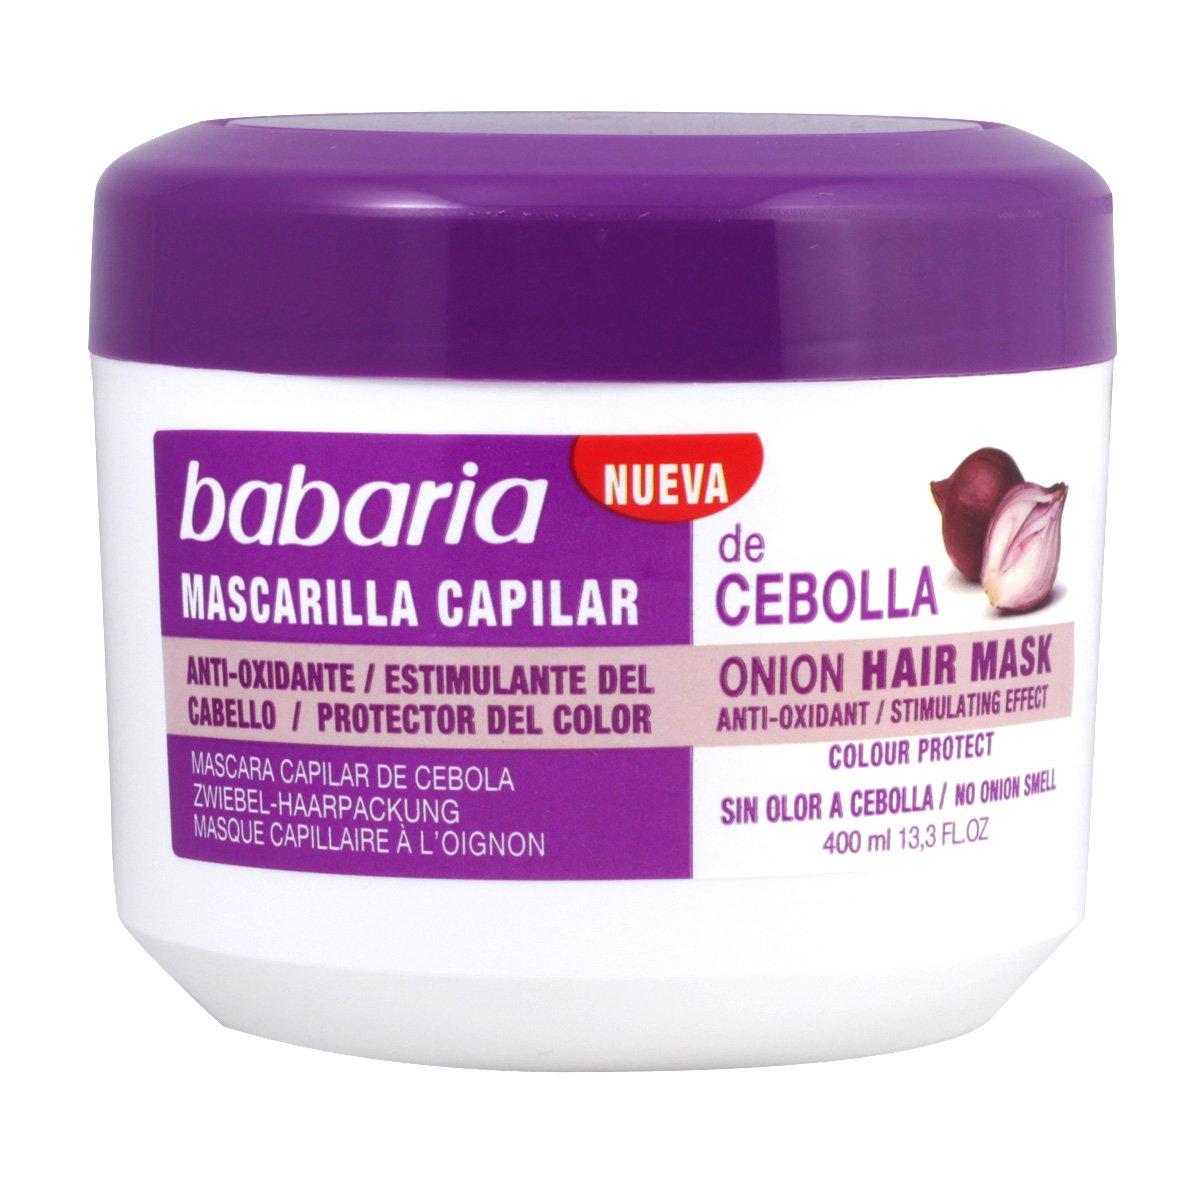 Babaria Cebolla Masque Capillaire 400 ml 8410412020992